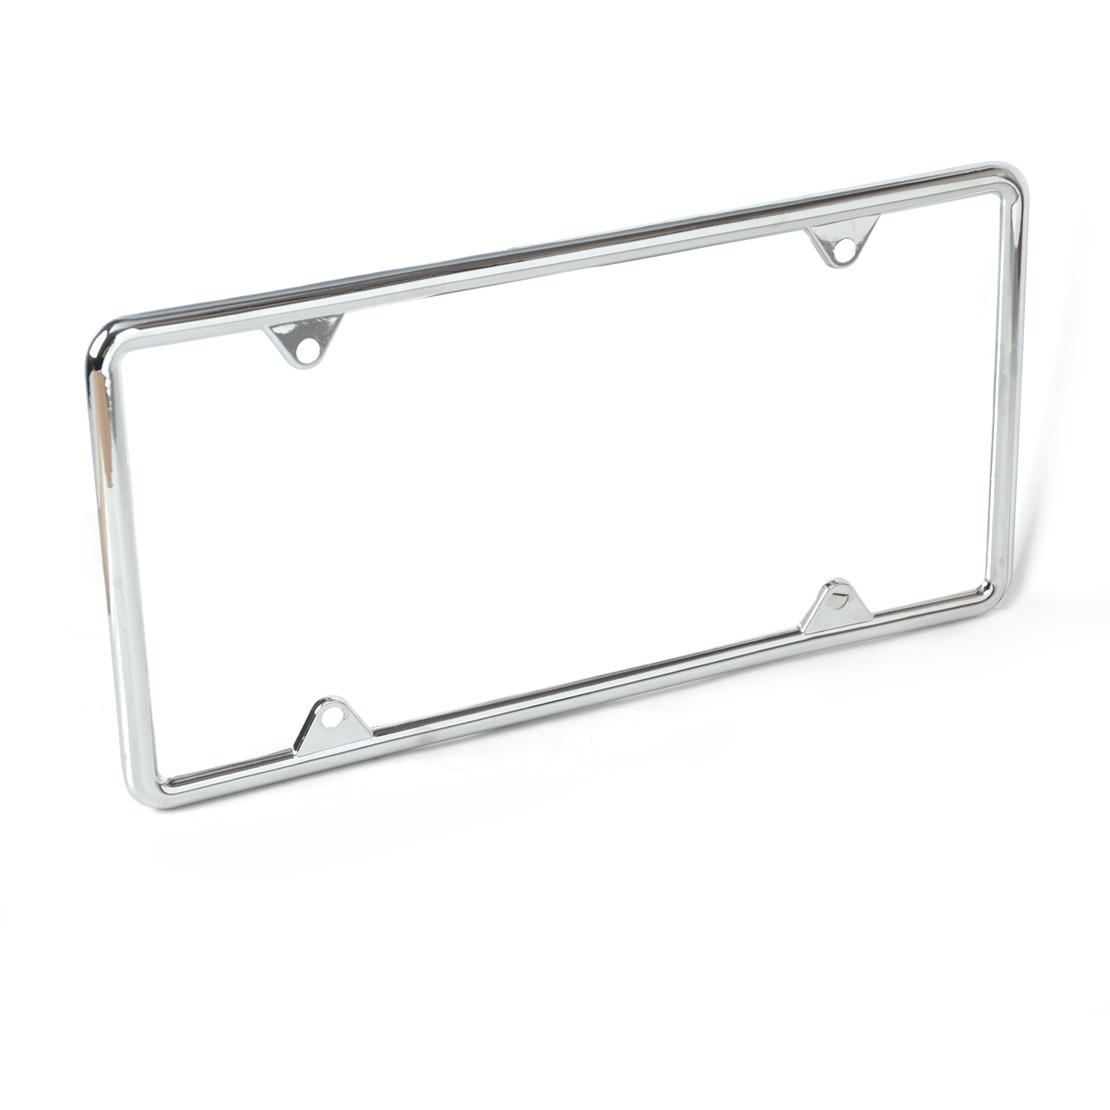 ヾ(^▽^)ノCITALL Zinc Alloy License Plate Frame For Mercedes Benz ...